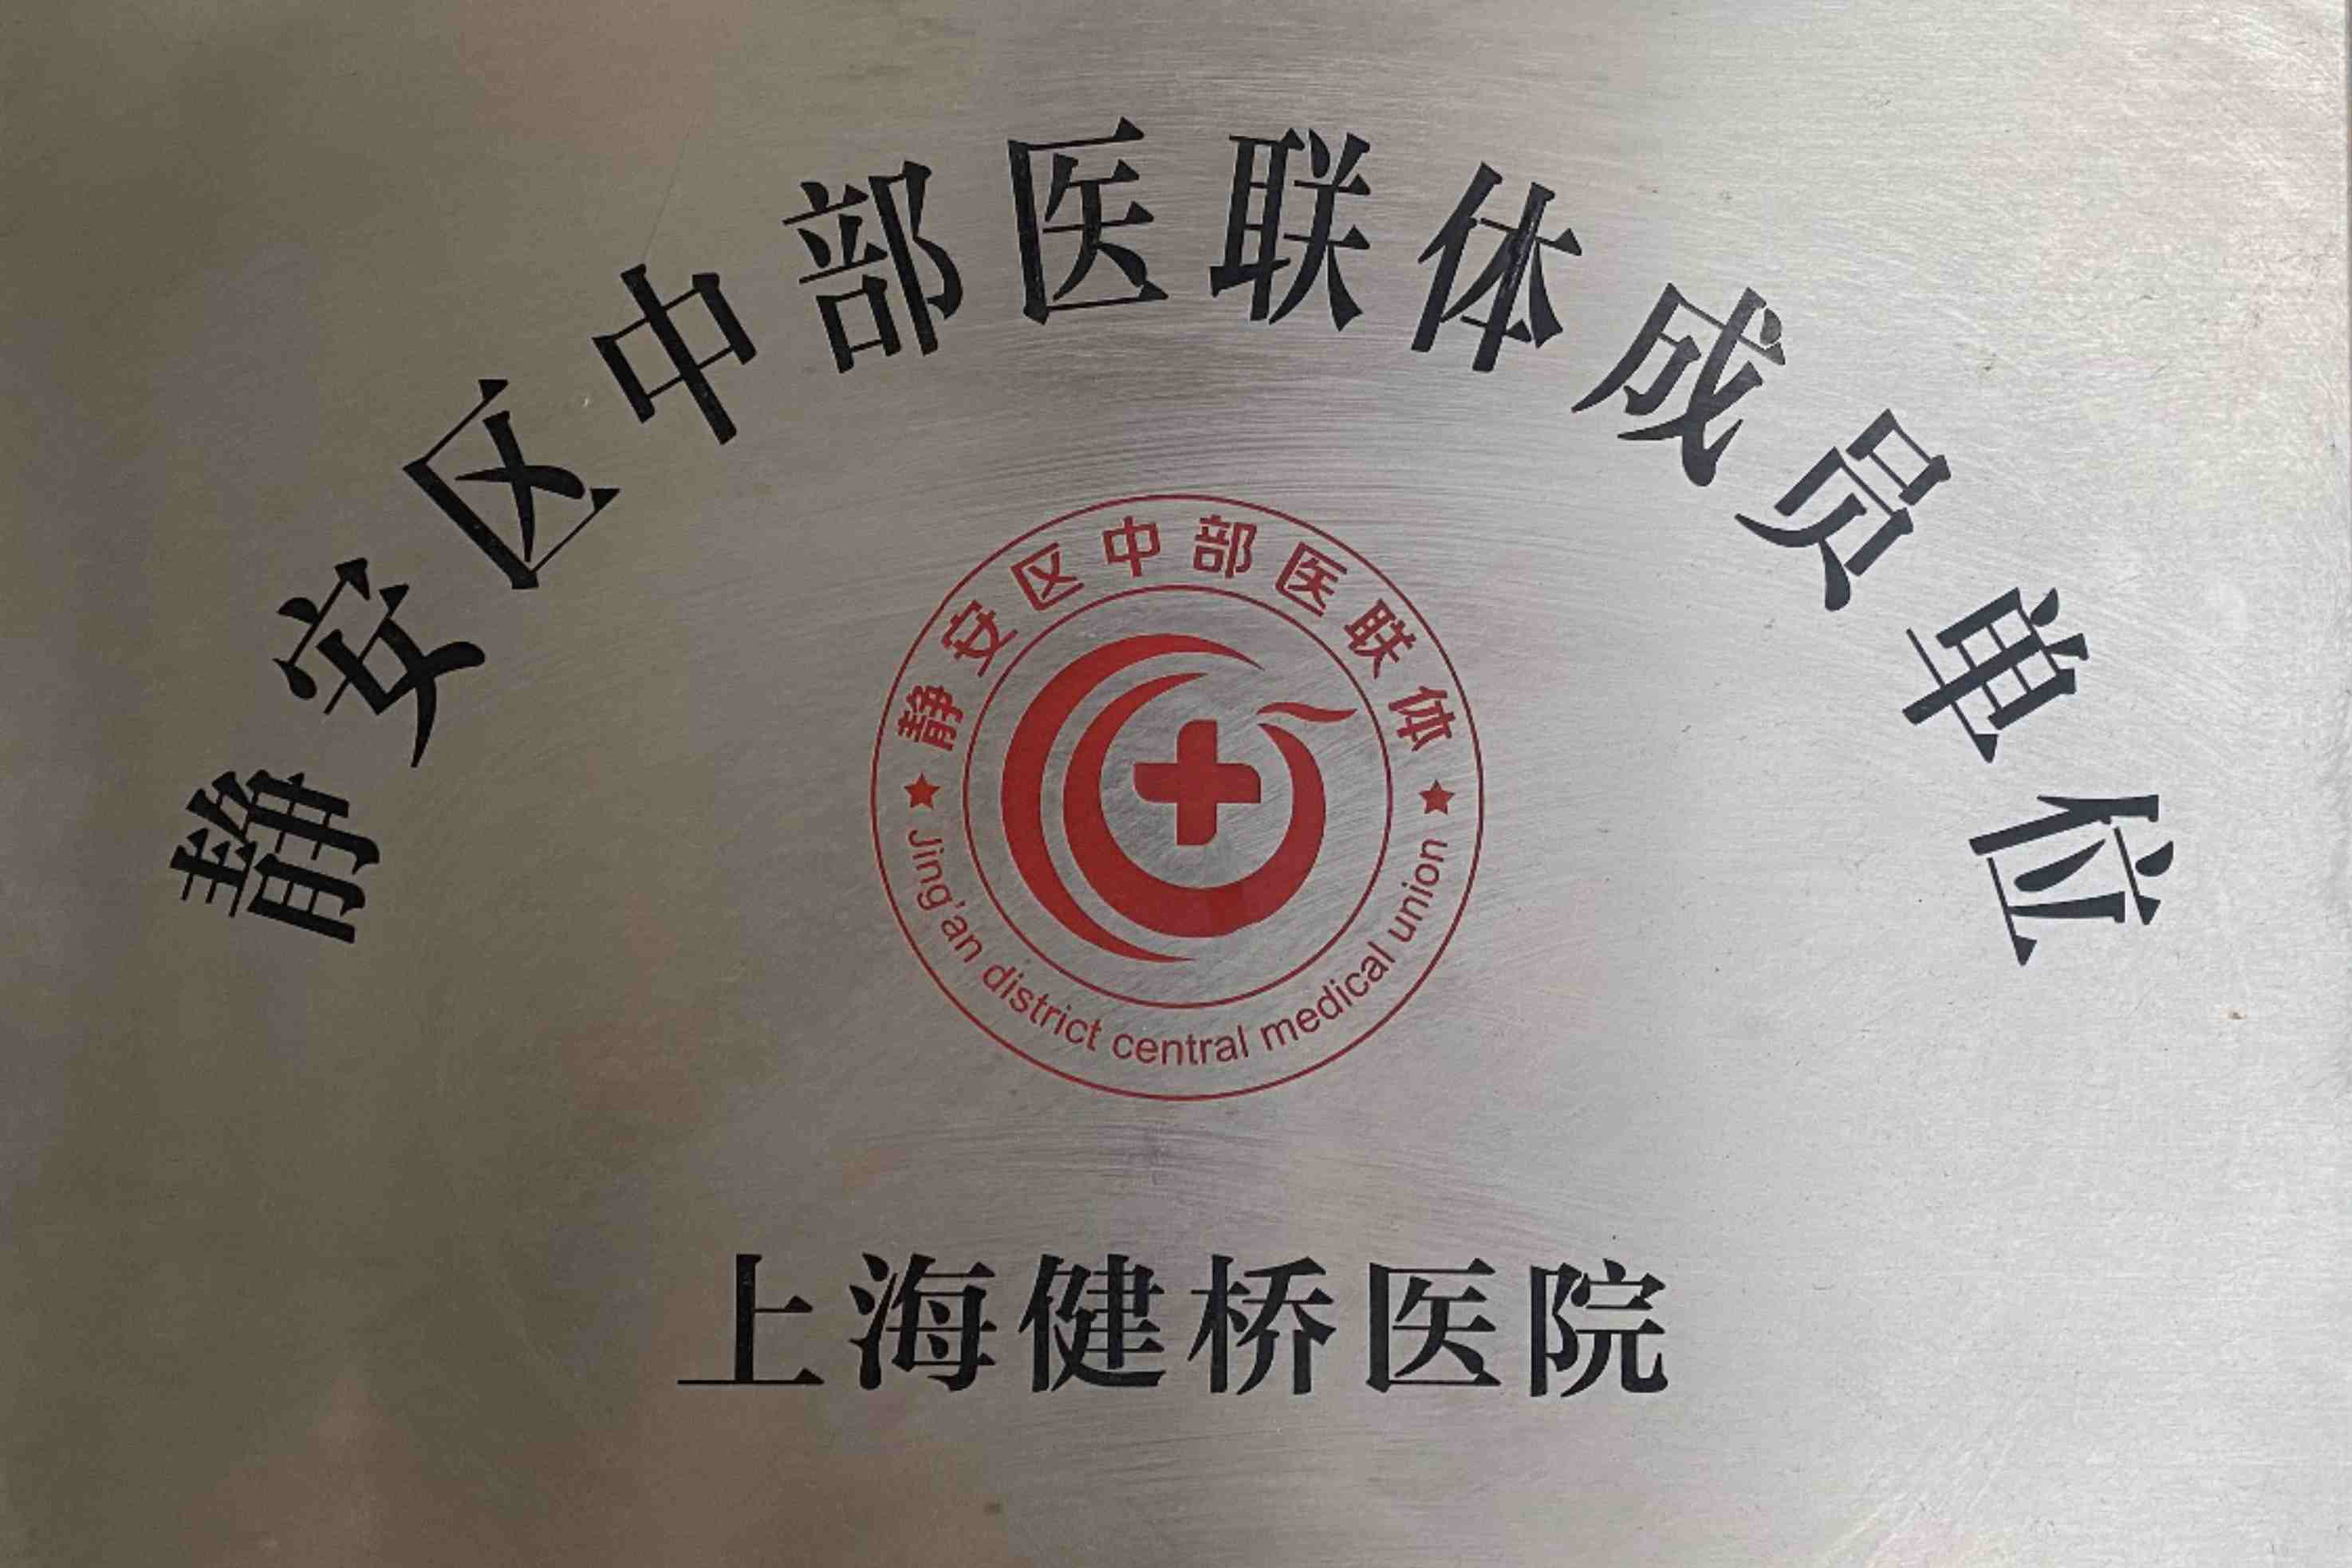 静安区中部医联体成员单位